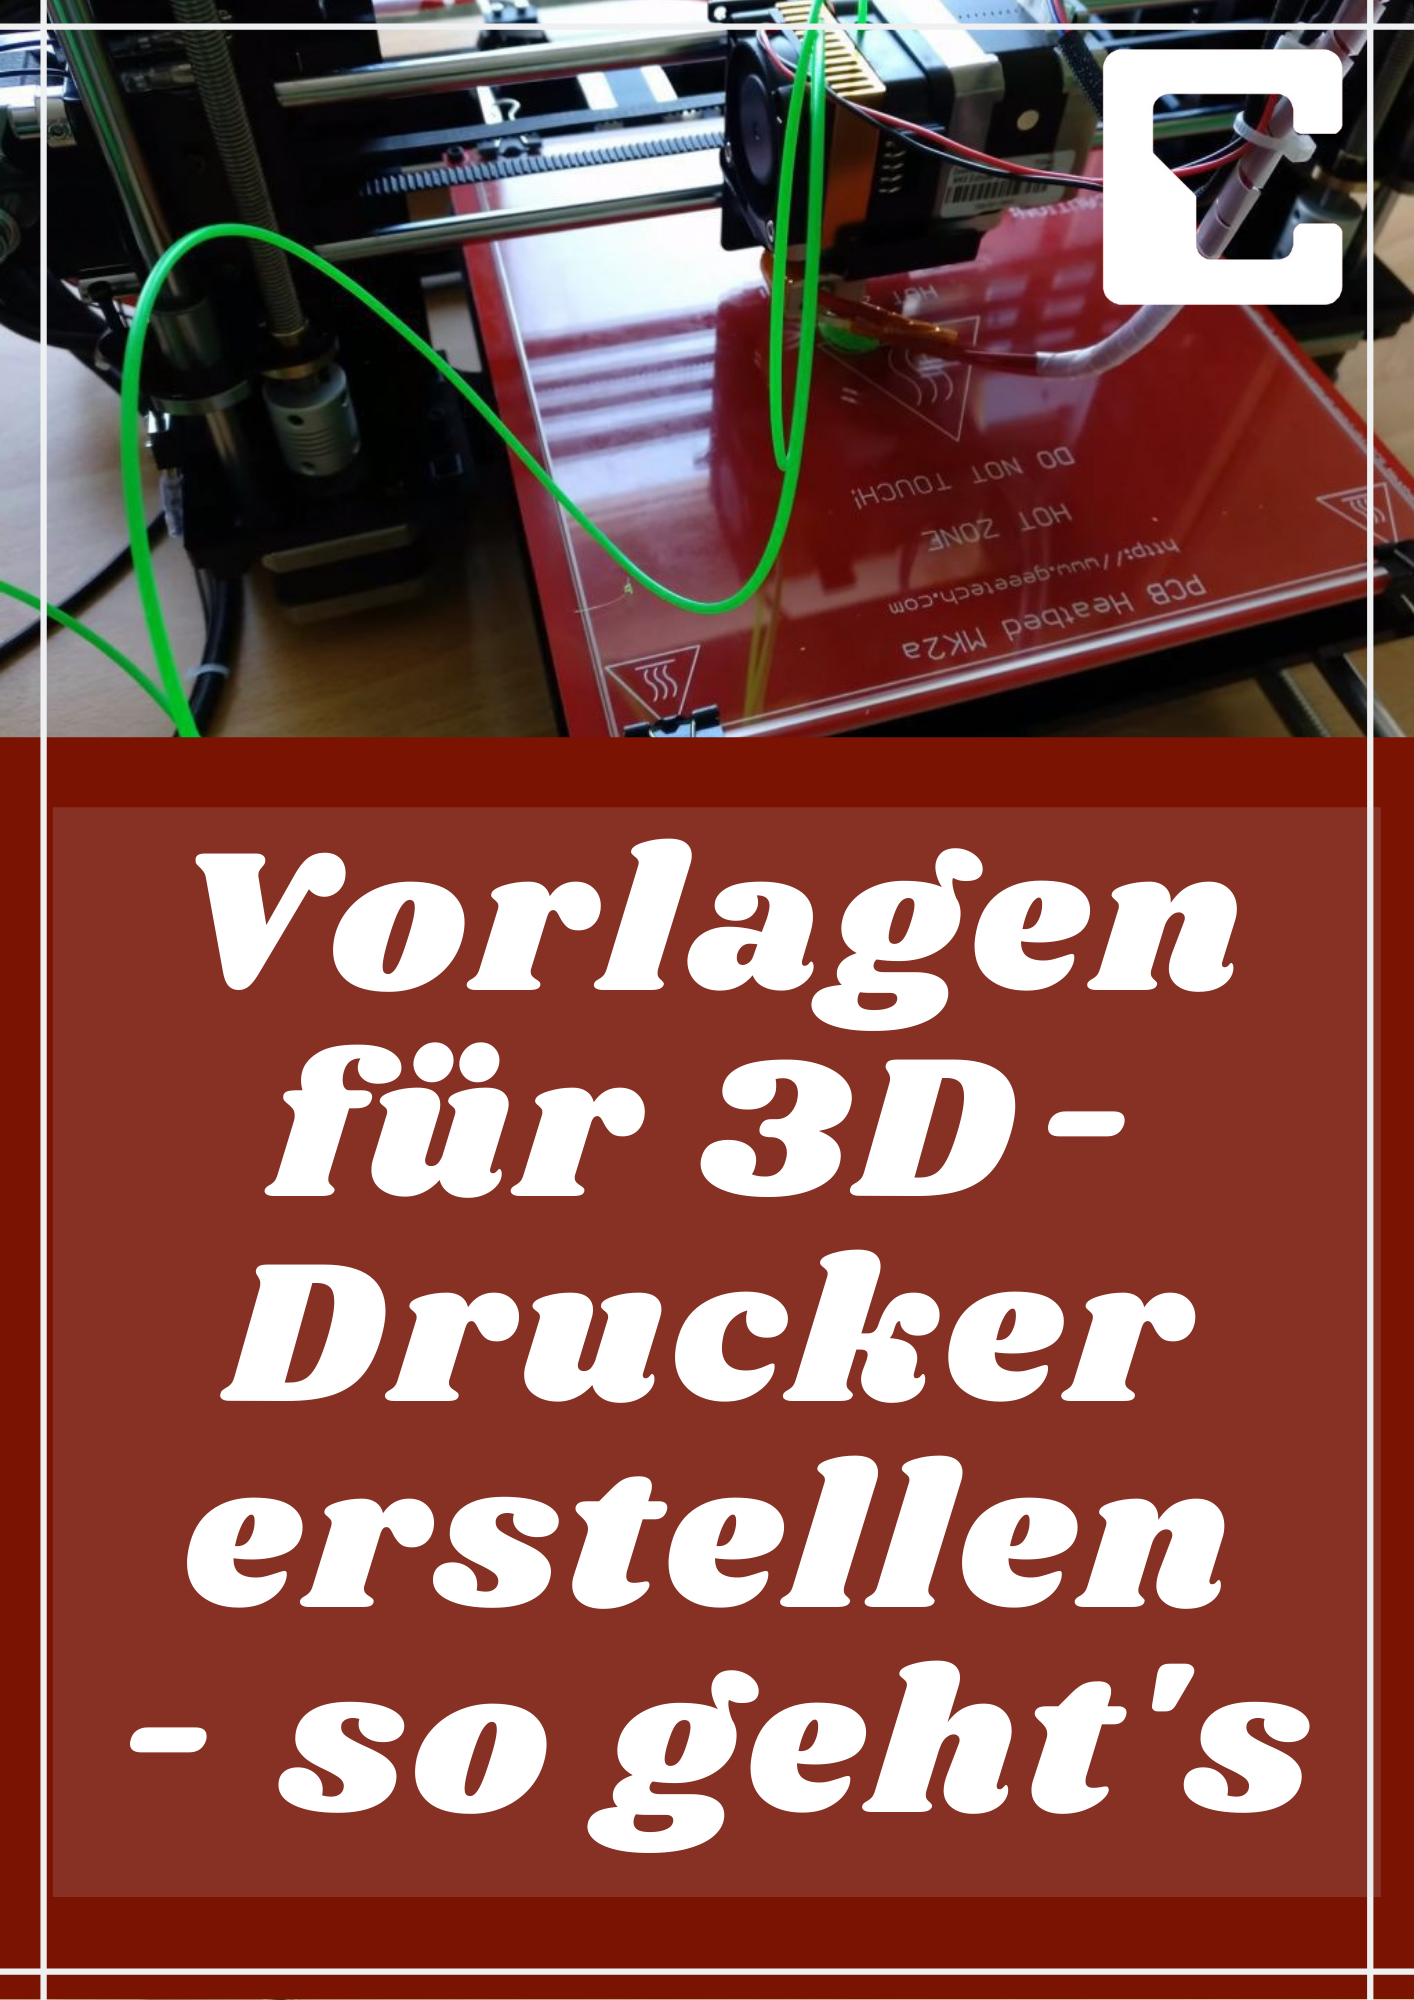 Vorlagen für 3DDrucker erstellen so geht's Drucken